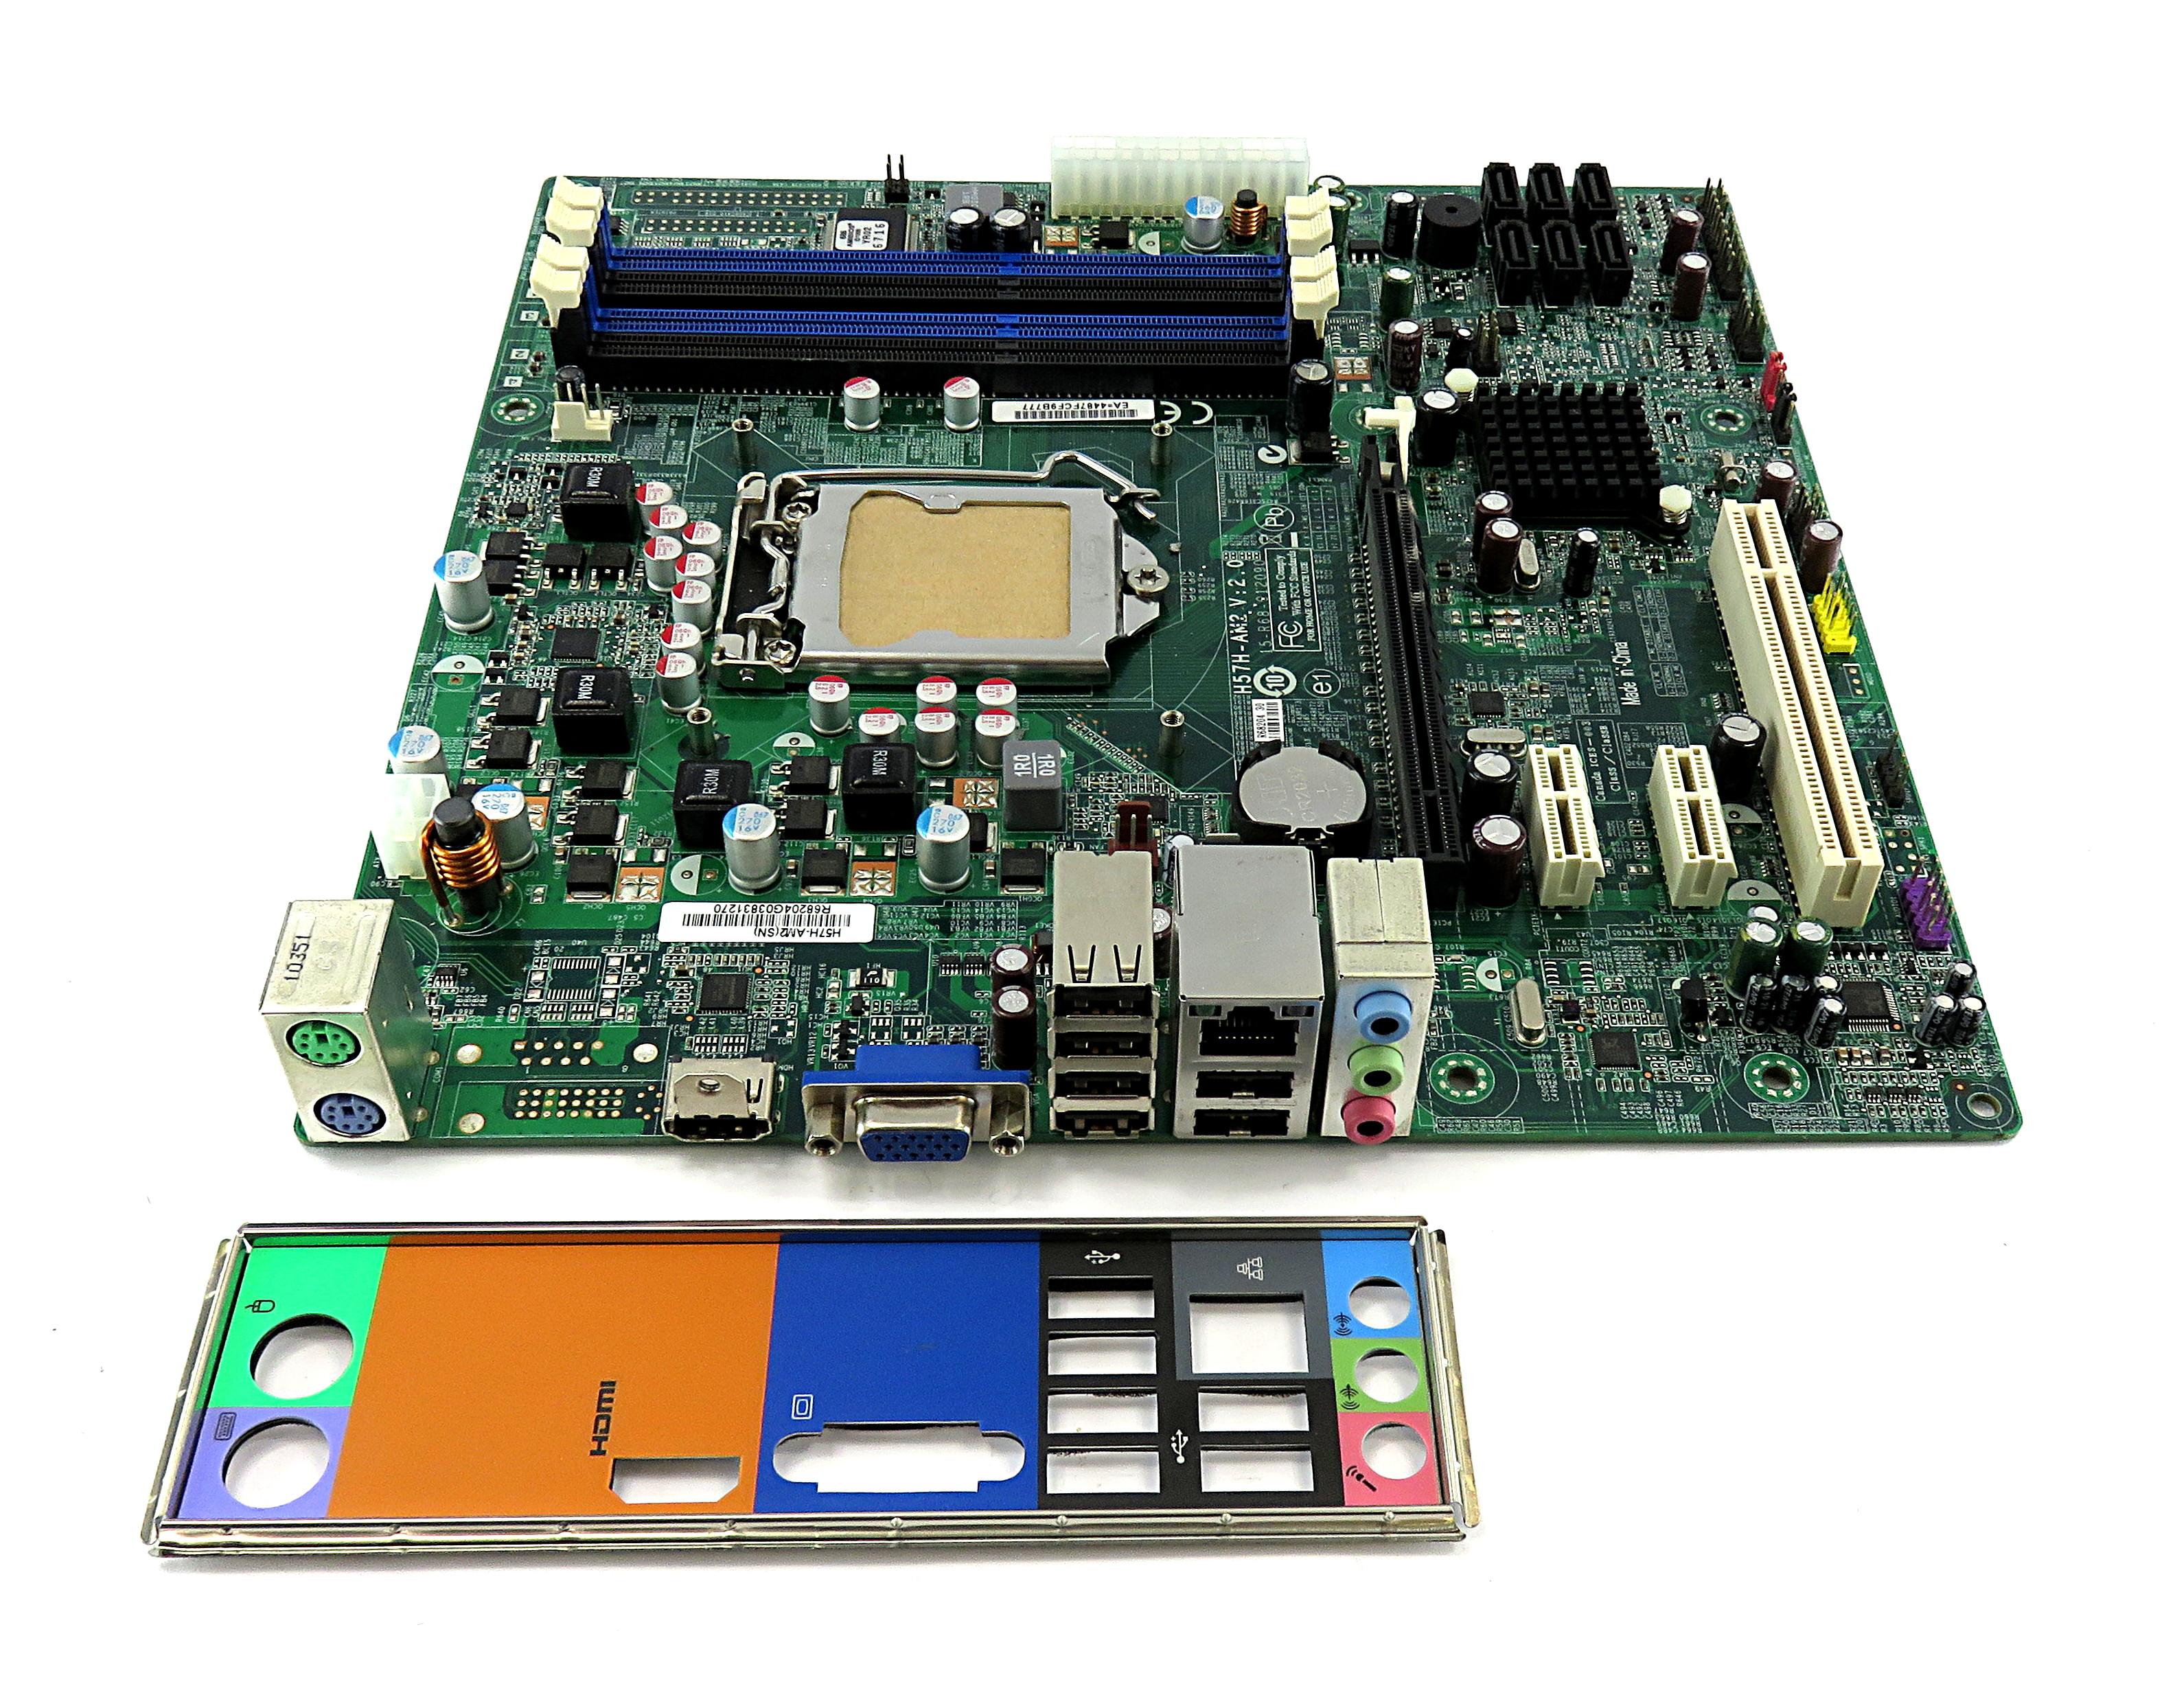 H57H-AM2(SN) V:2.0  Acer/Packard Bell Socket LGA1156 Motherboard MB.SDX07.002